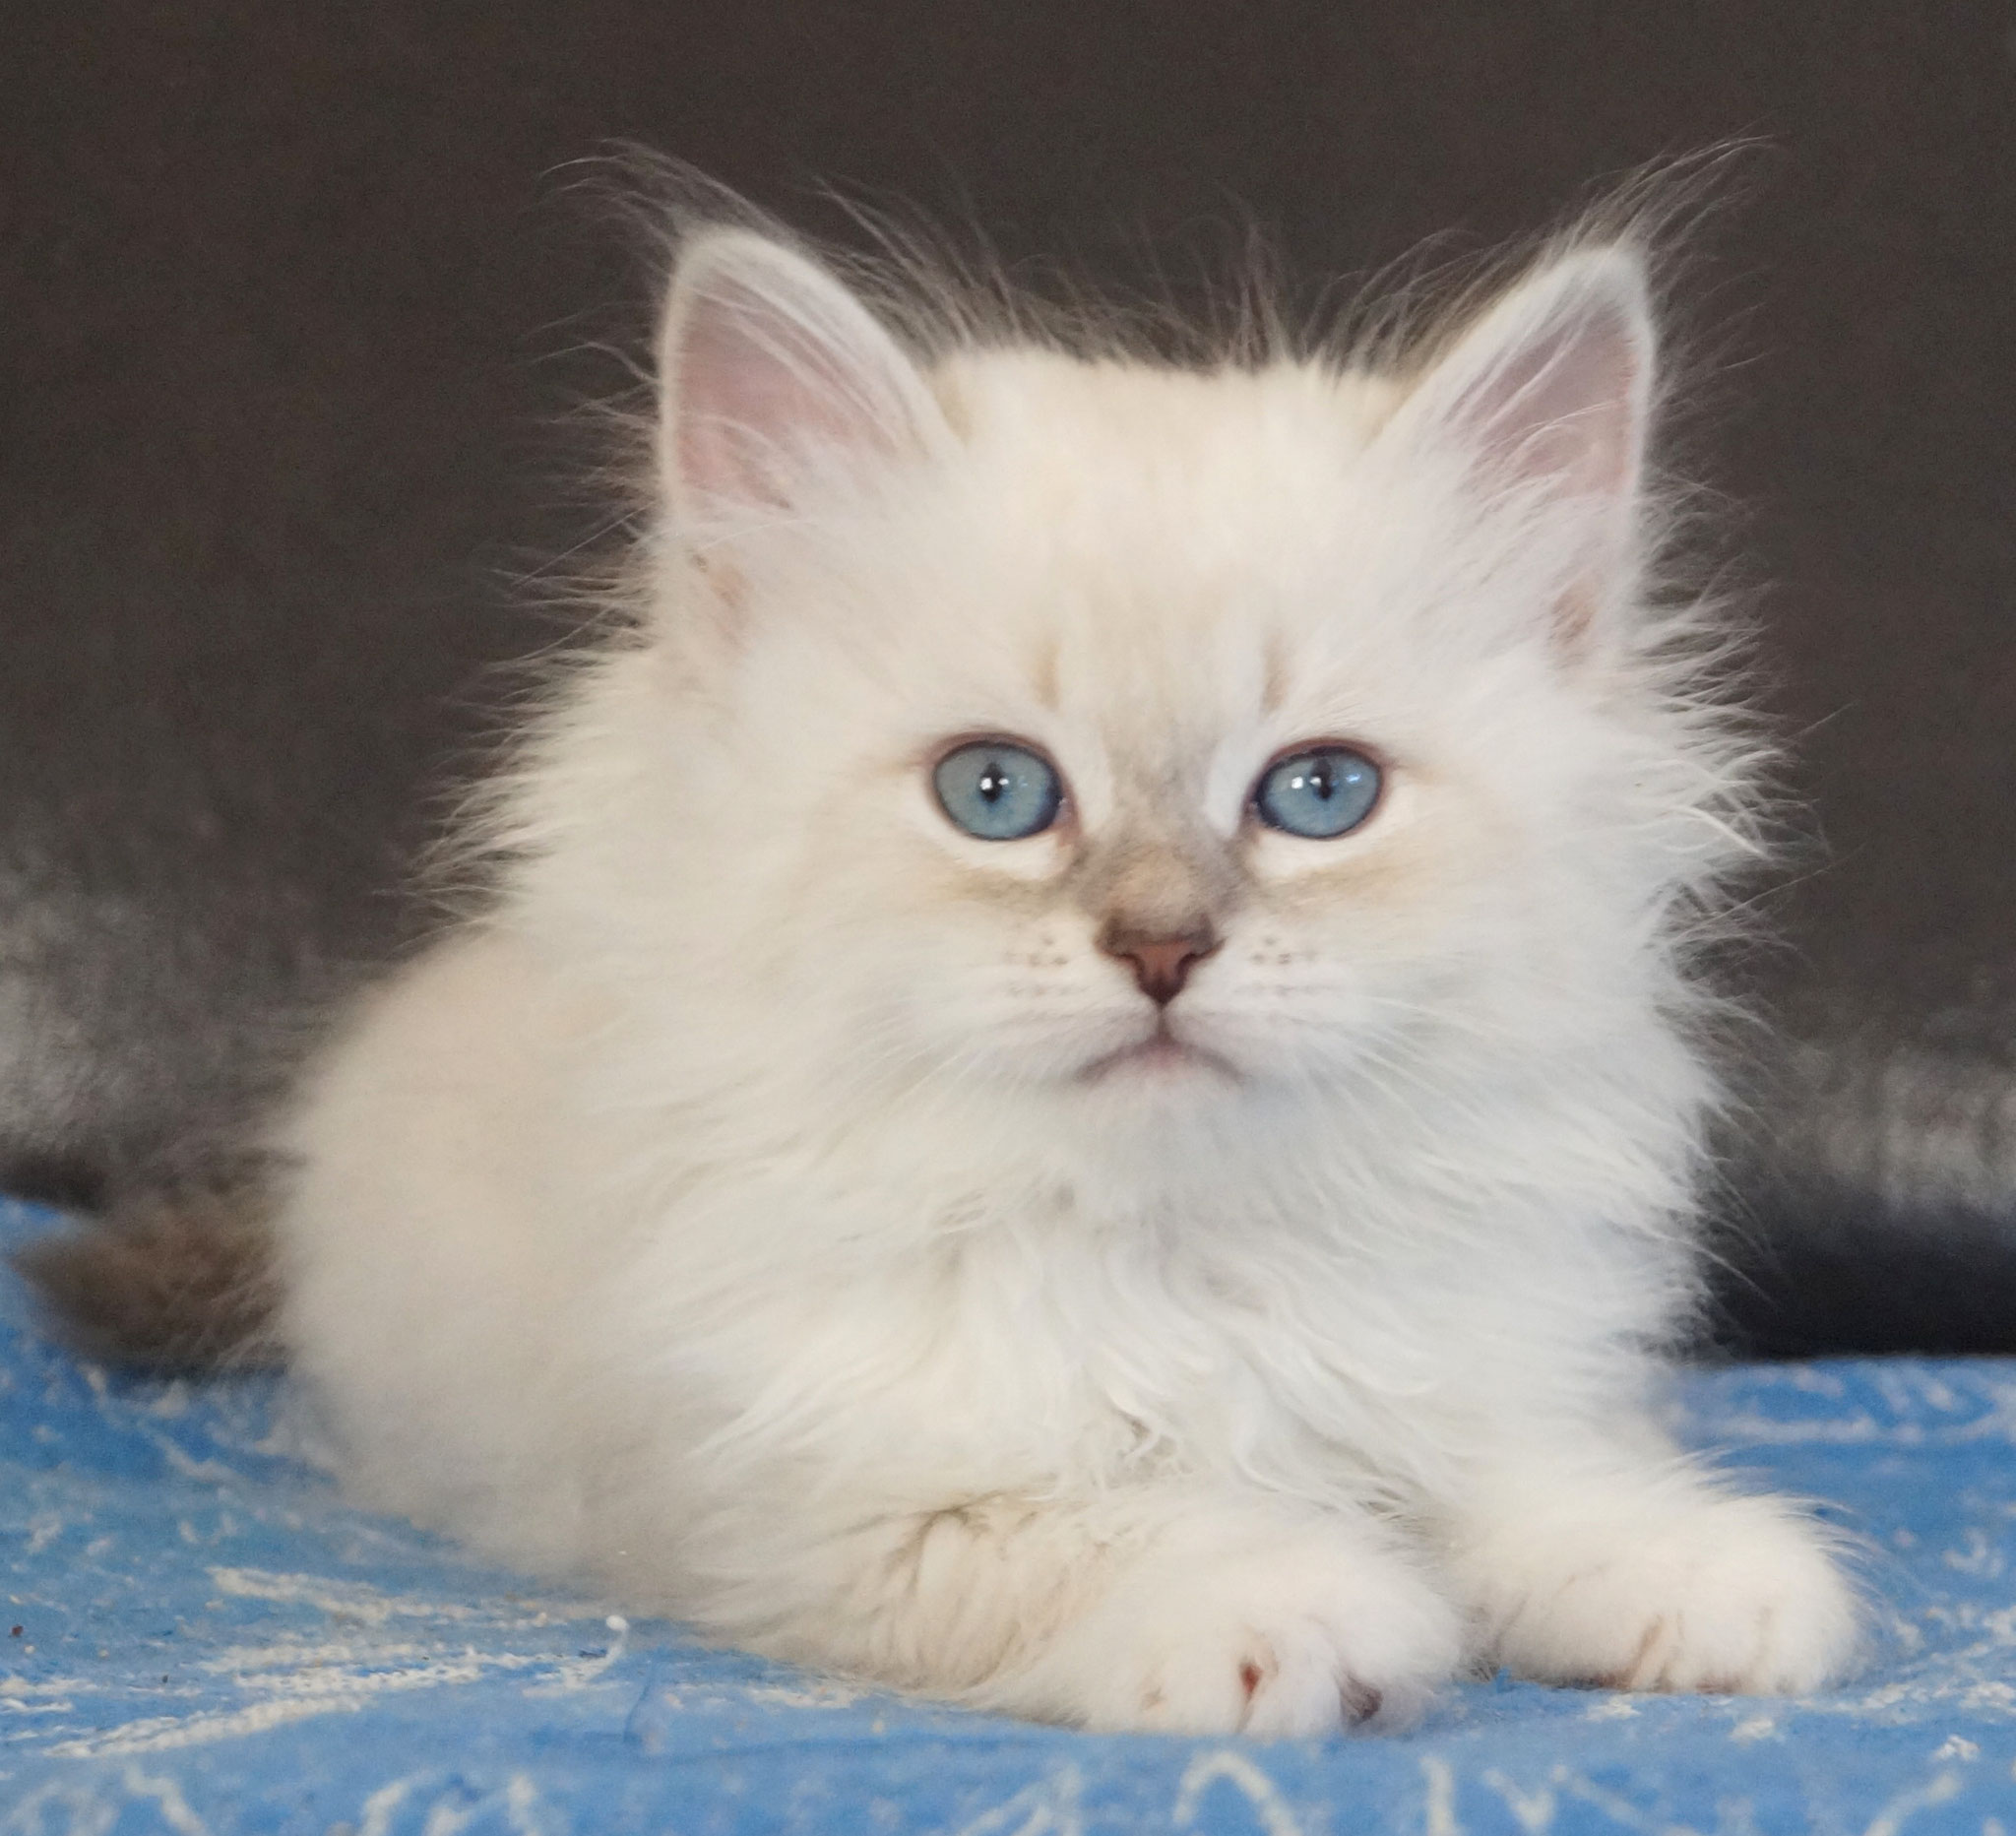 Северина, кошка, а 21 33 03/09, осталась в питомнике